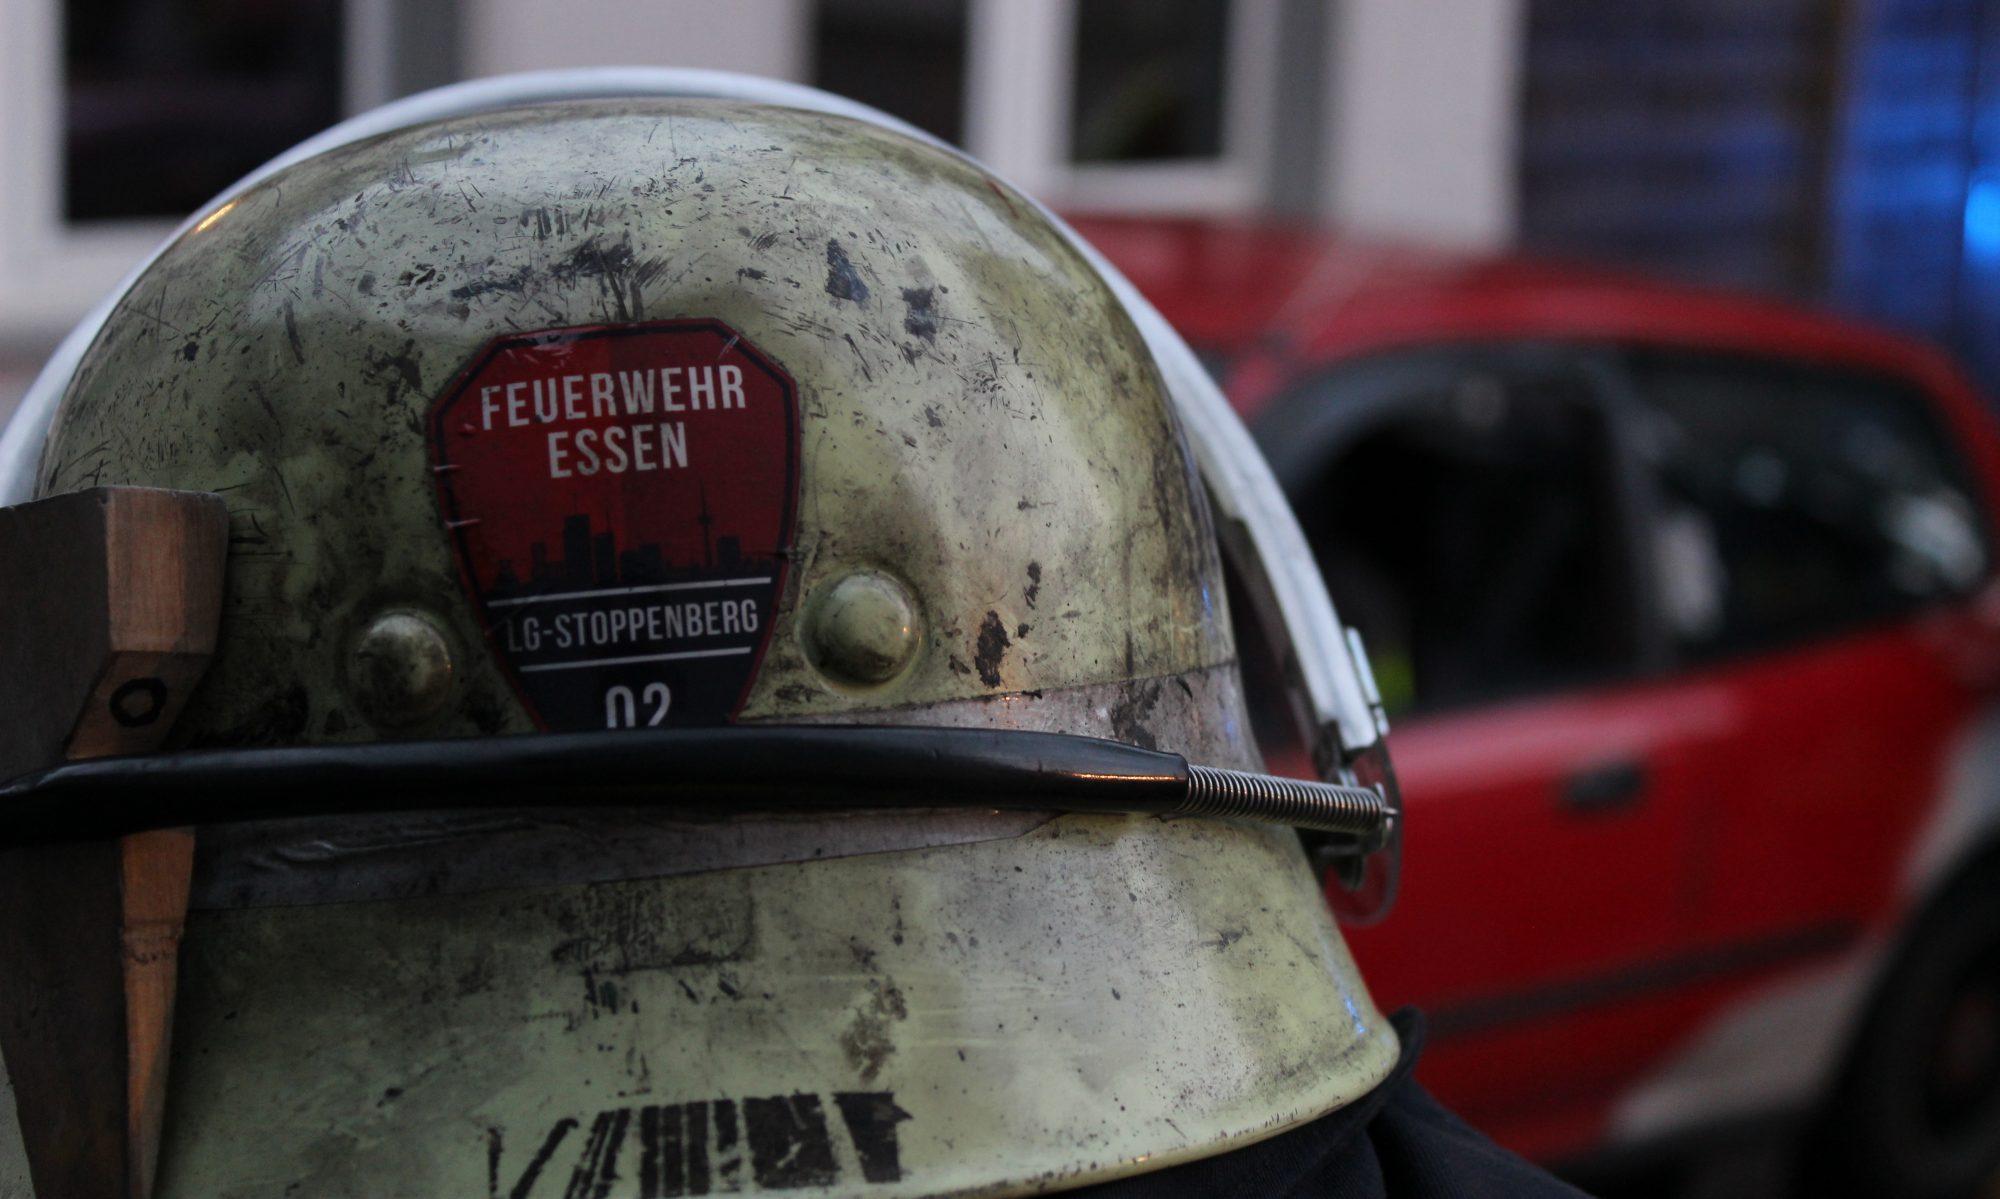 Freiwillige Feuerwehr Essen Stoppenberg